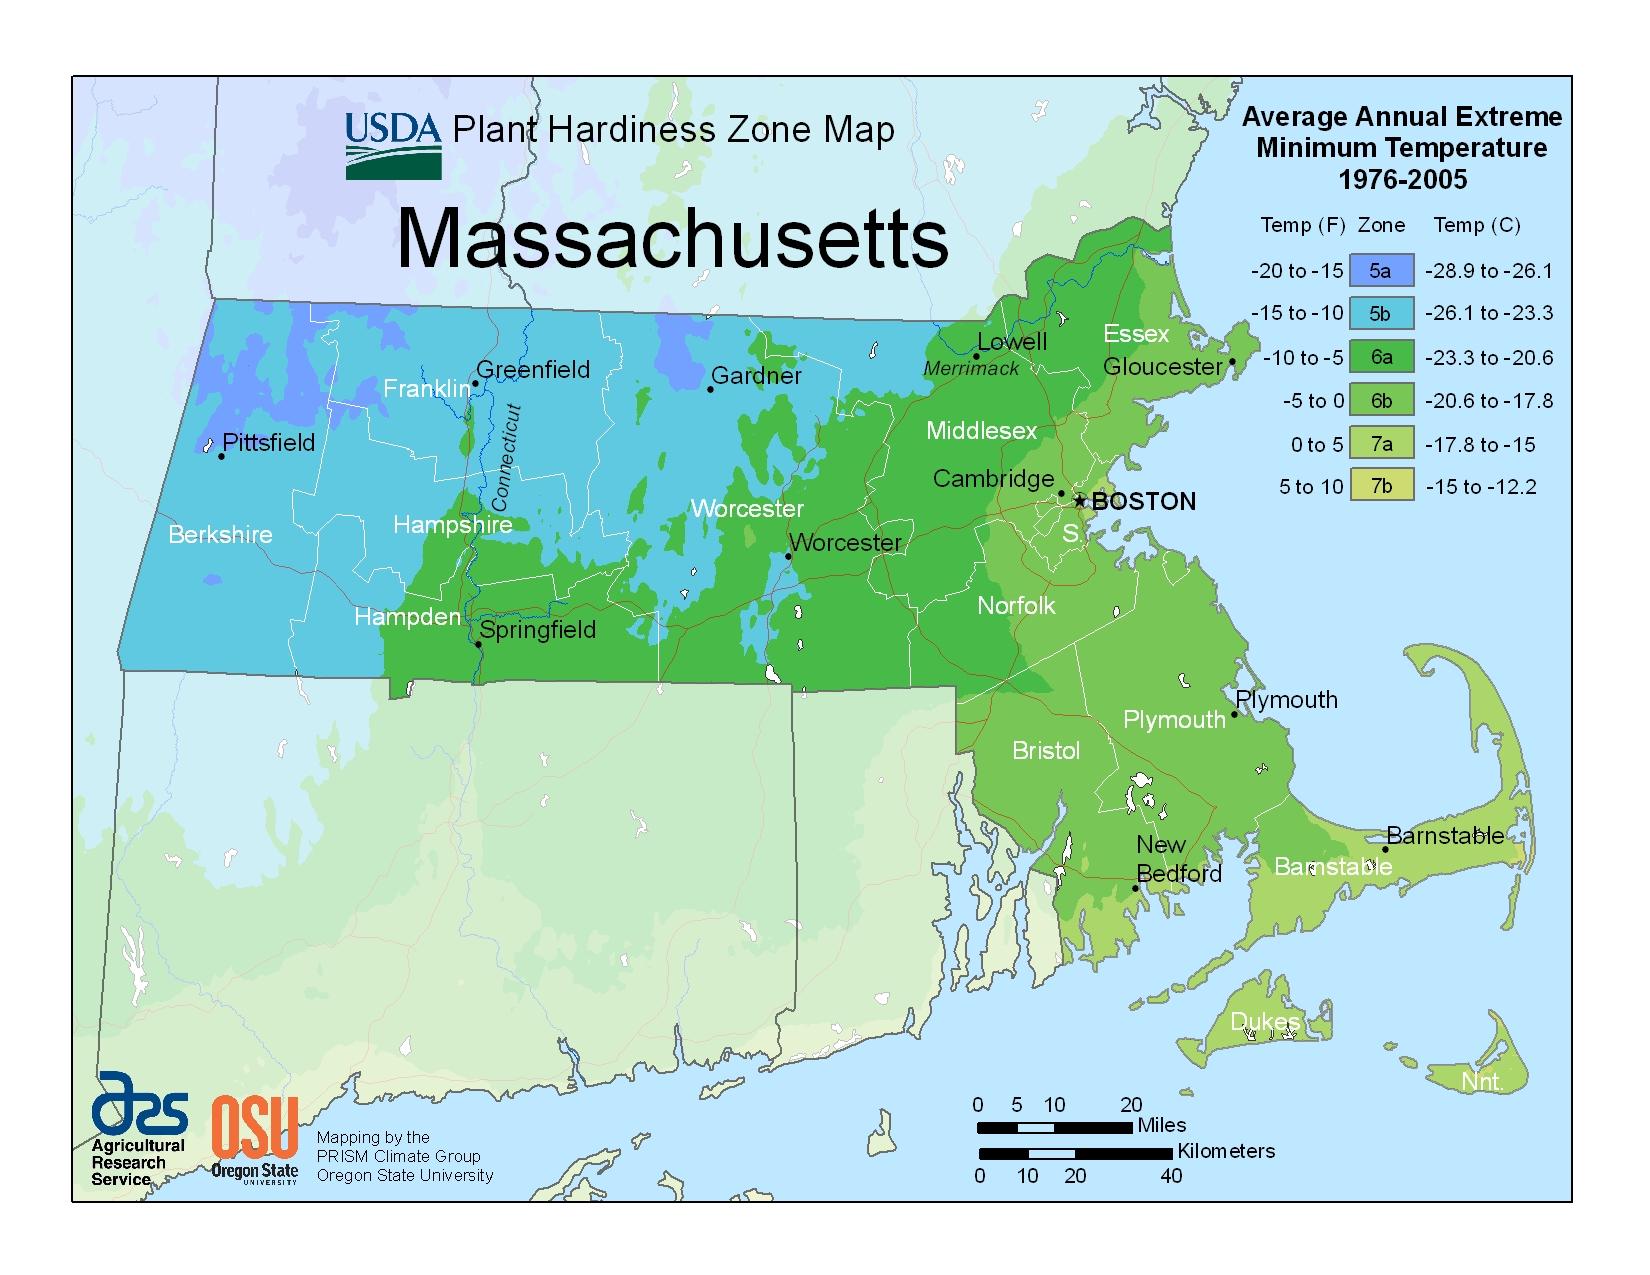 iowa frost depth map – bnhspine.com